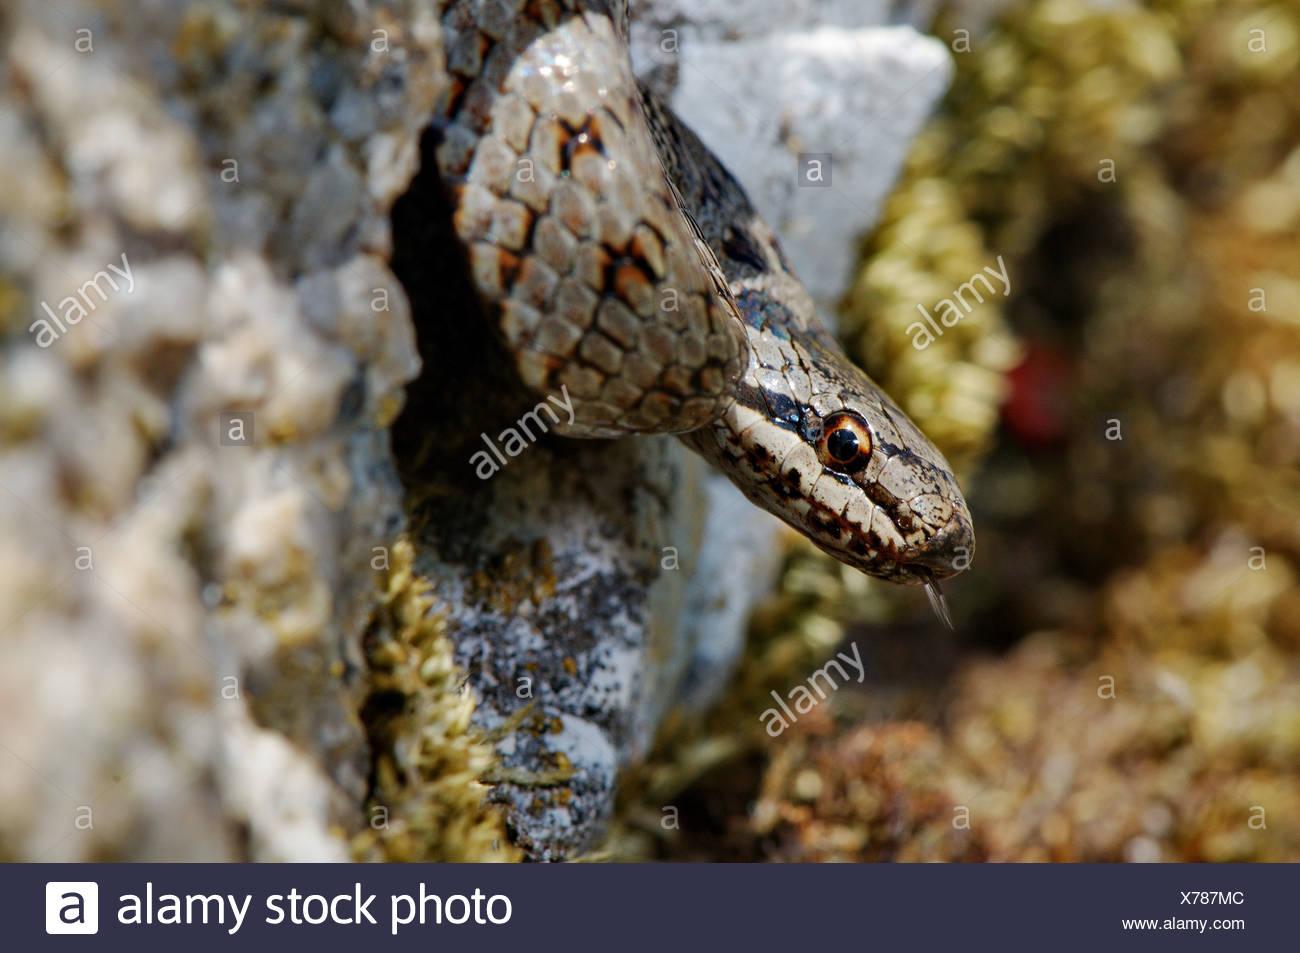 Suave, Coronella austriaca de serpiente, serpiente, serpientes, reptiles, reptiles, retrato, protegida, en peligro de extinción, indígenas, no venenosas, Imagen De Stock